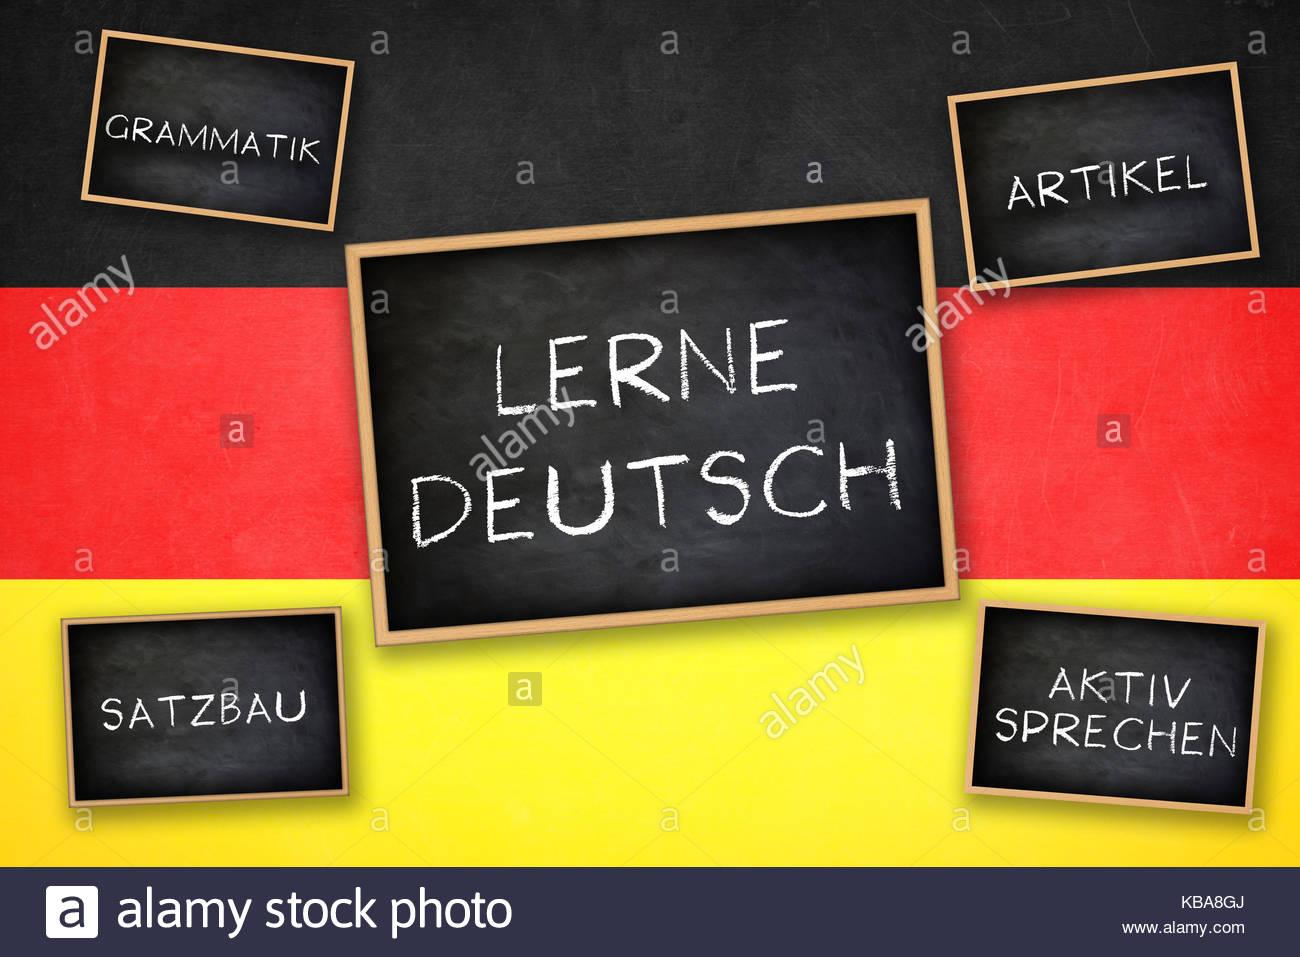 Apprendre l'Allemand - Grammaire substantifs verbes parlant - Pratique Photo Stock